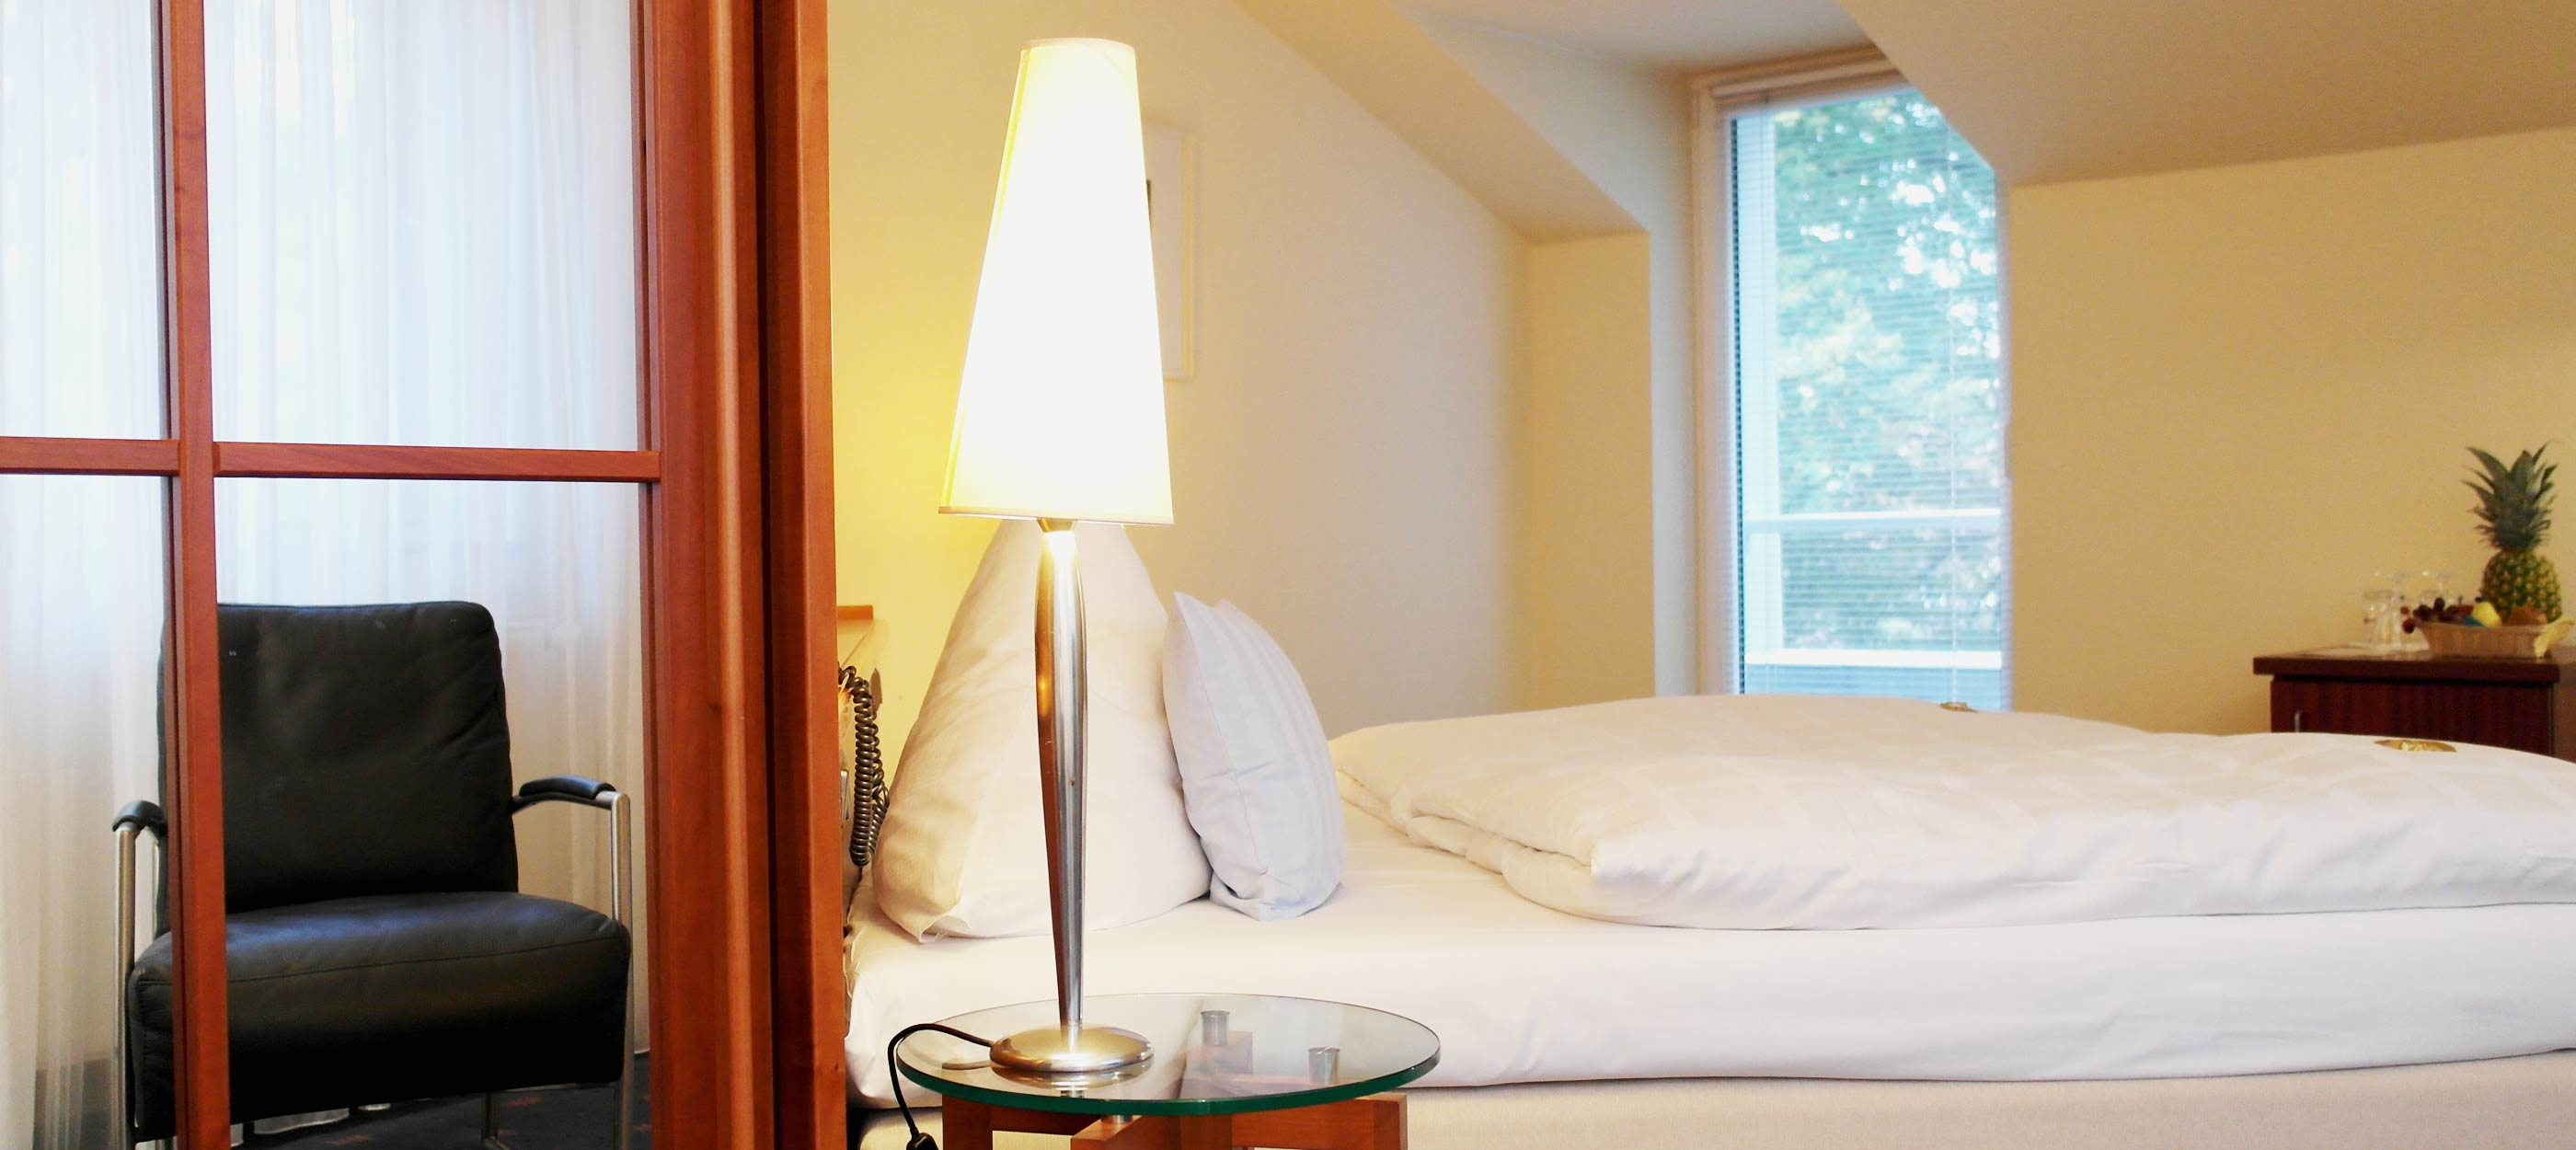 hotel-dz-deluxe-n-bett